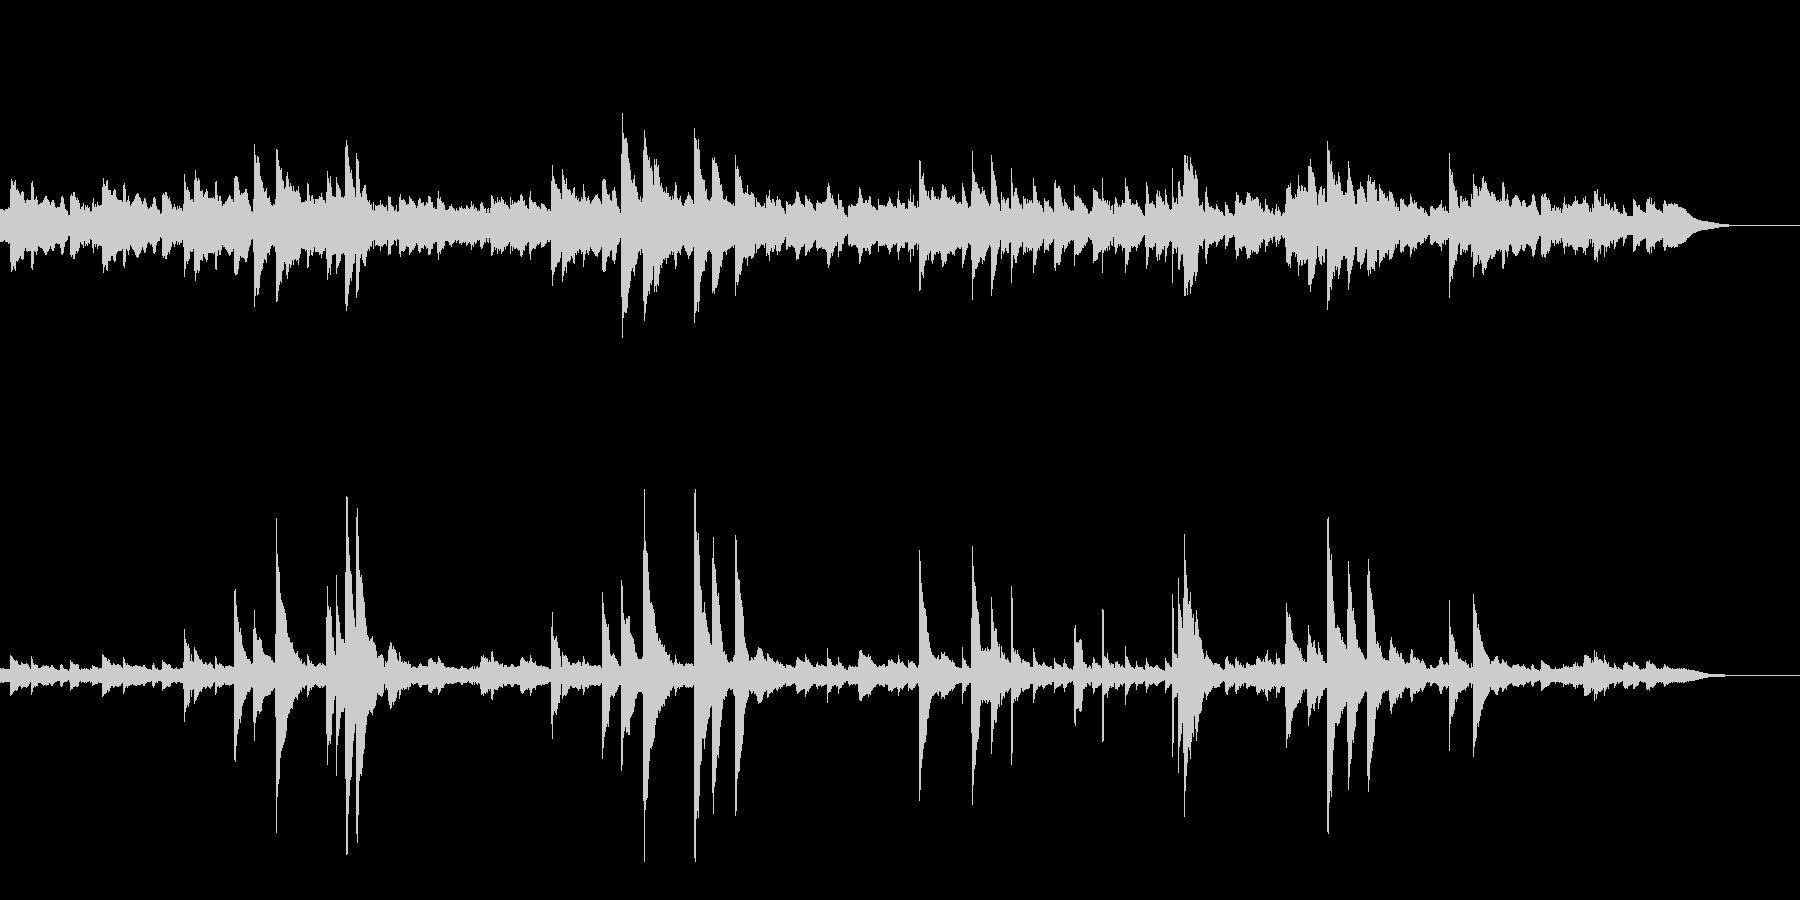 ゆらめくハープの音色・なぐさめのメロディの未再生の波形